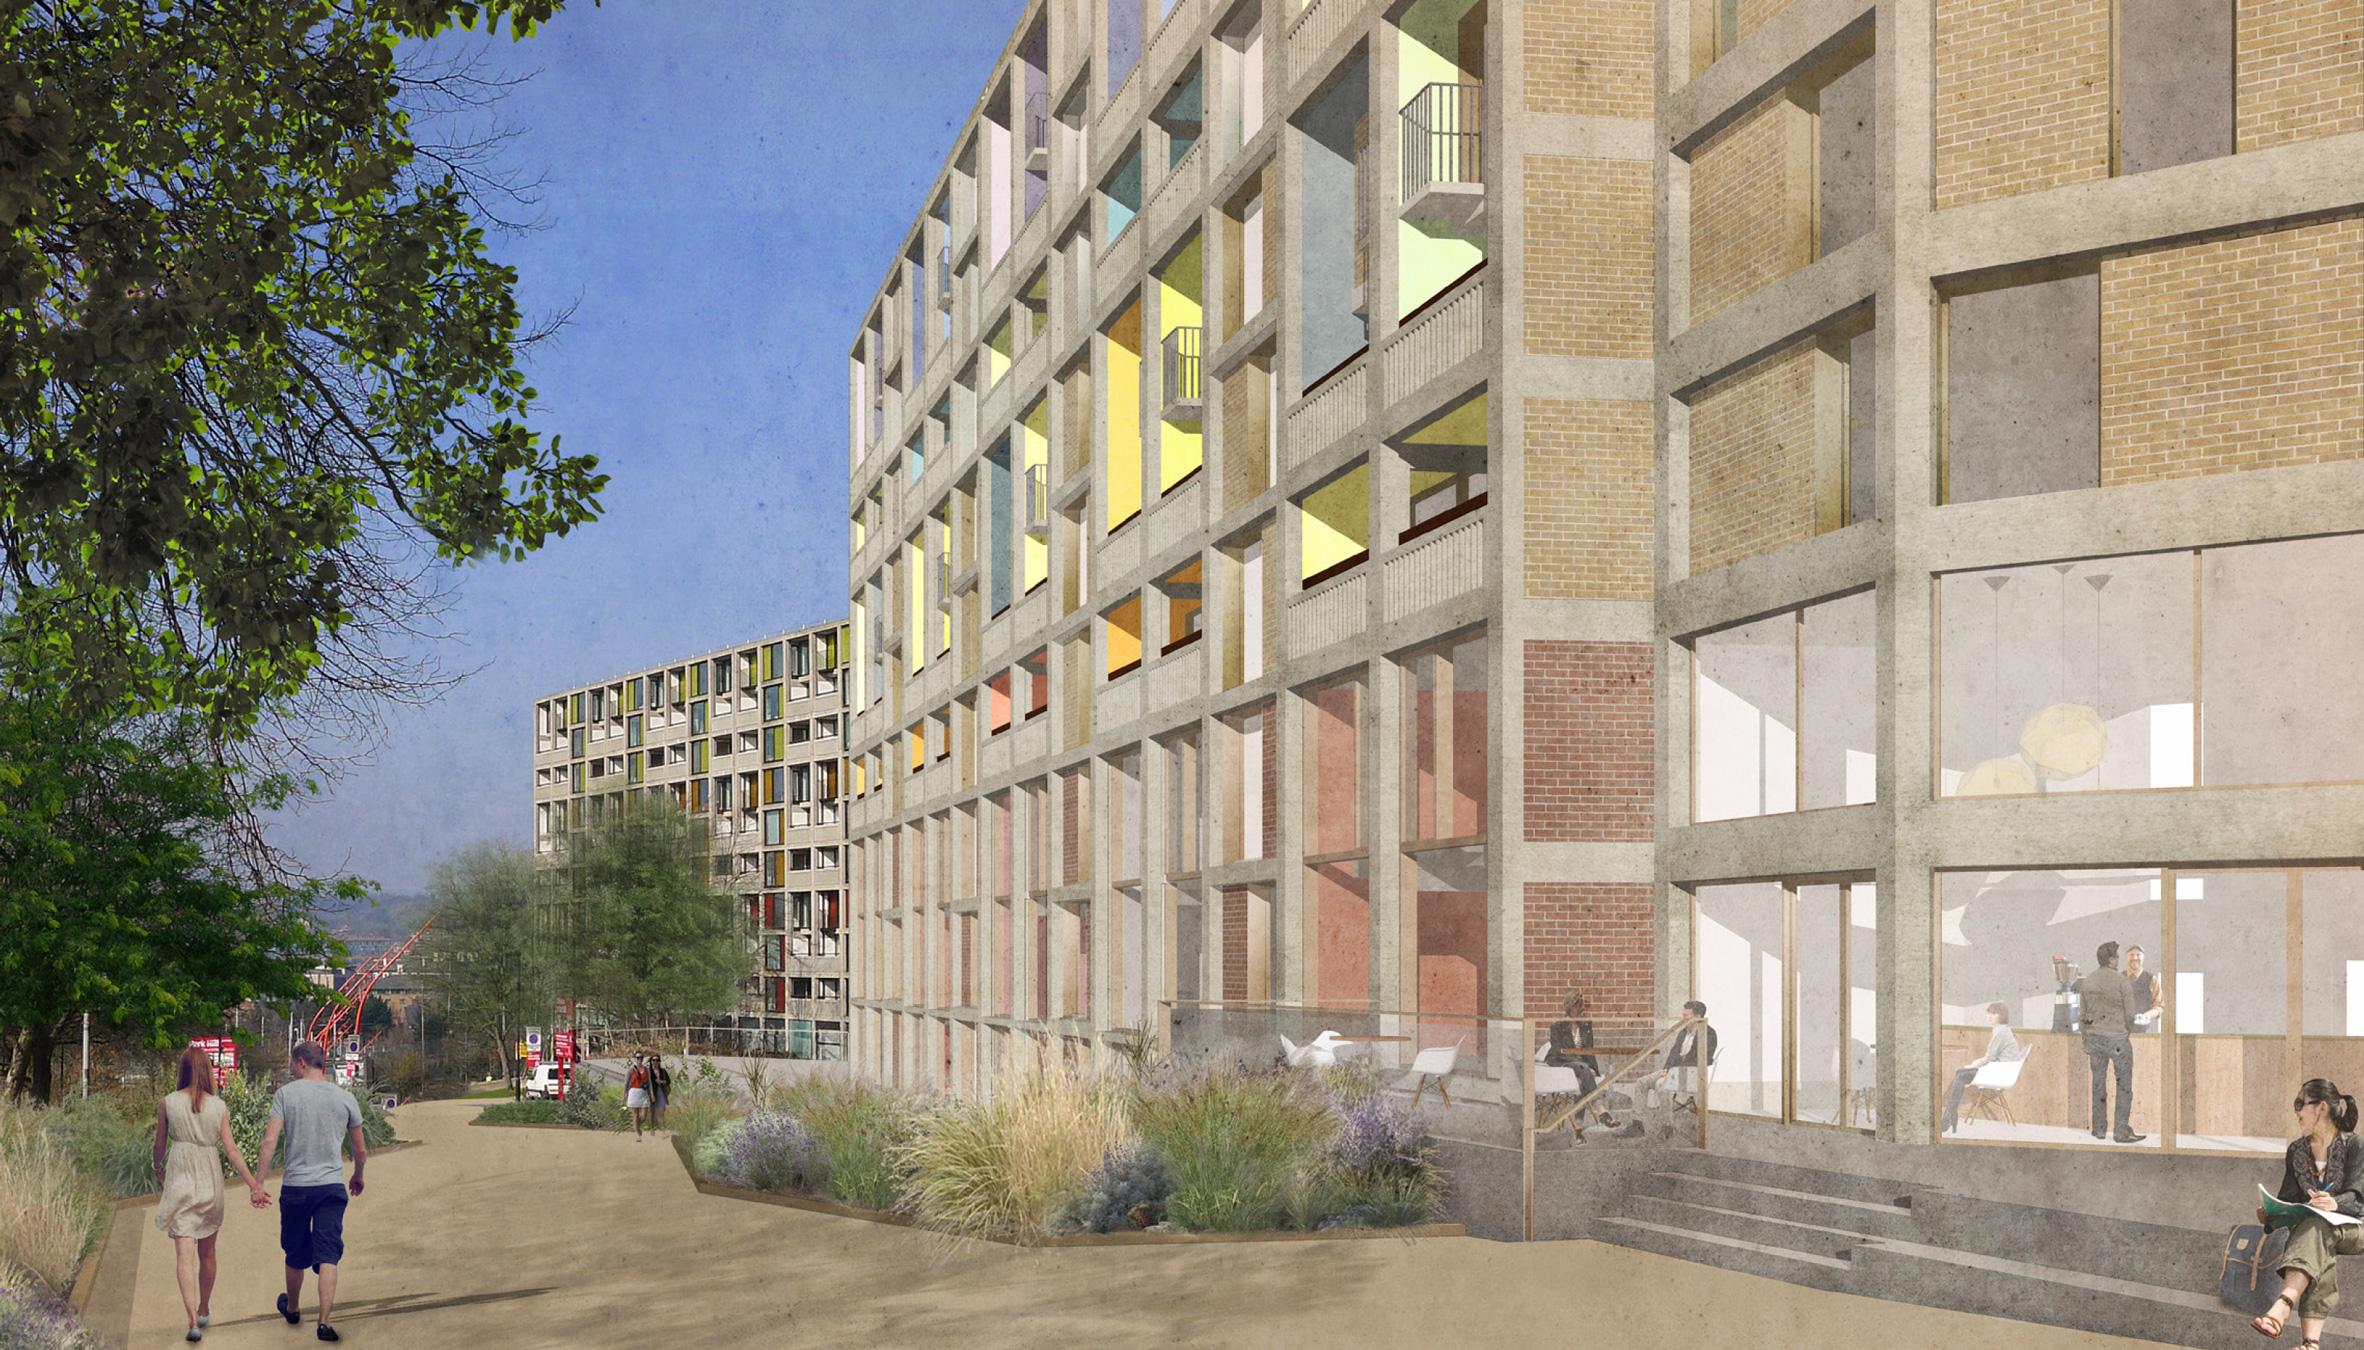 Mikhail Riches unveils plans for phase two of Park Hill estate regeneration